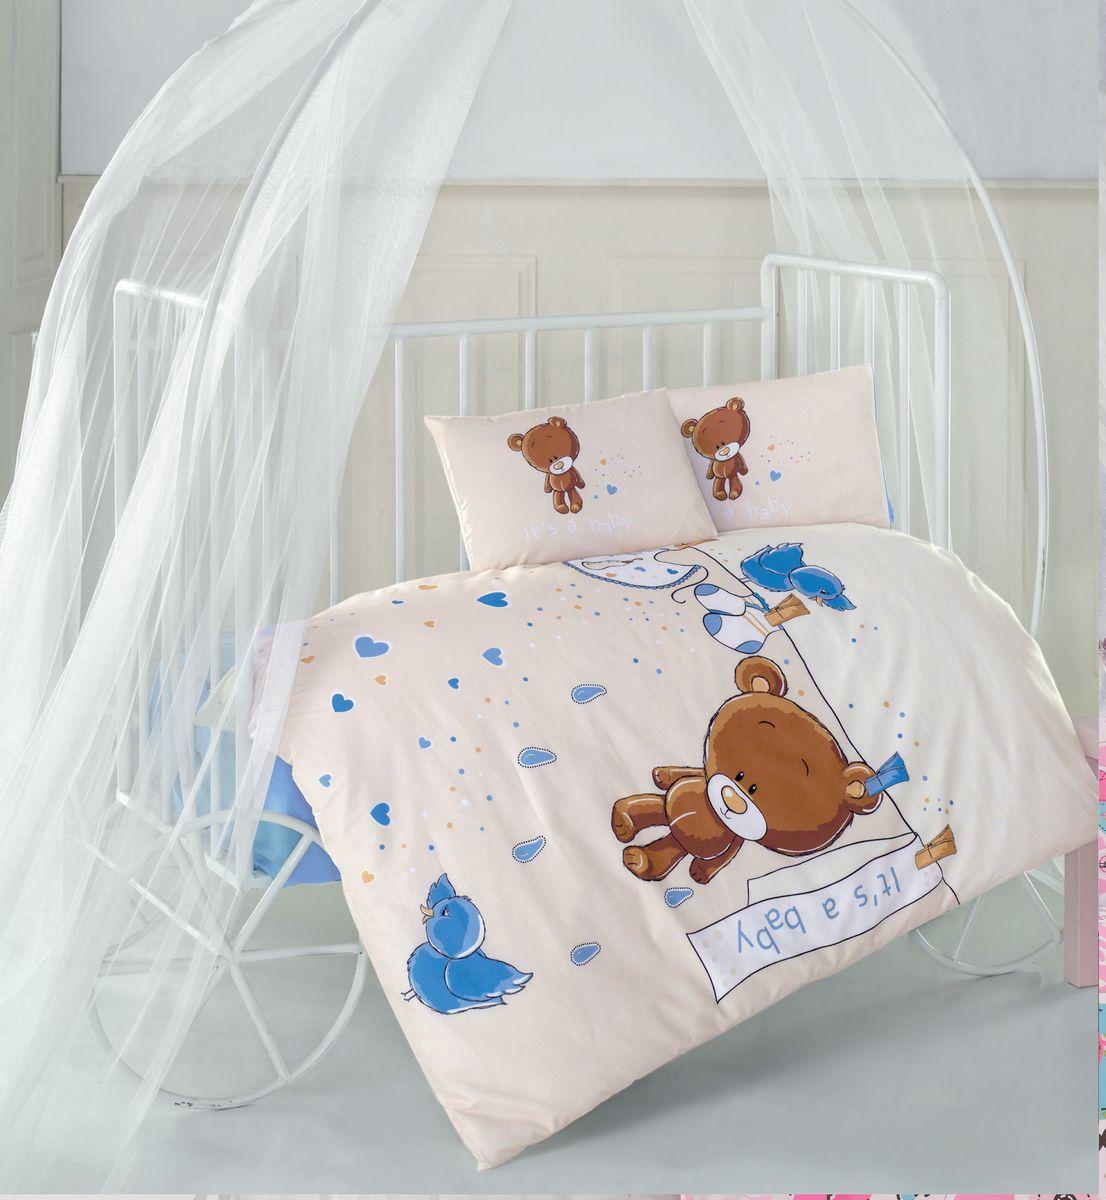 Clasy Комплект детского постельного белья Teddy 4 предмета цвет голубой наволочки 35 х 45 см 5227